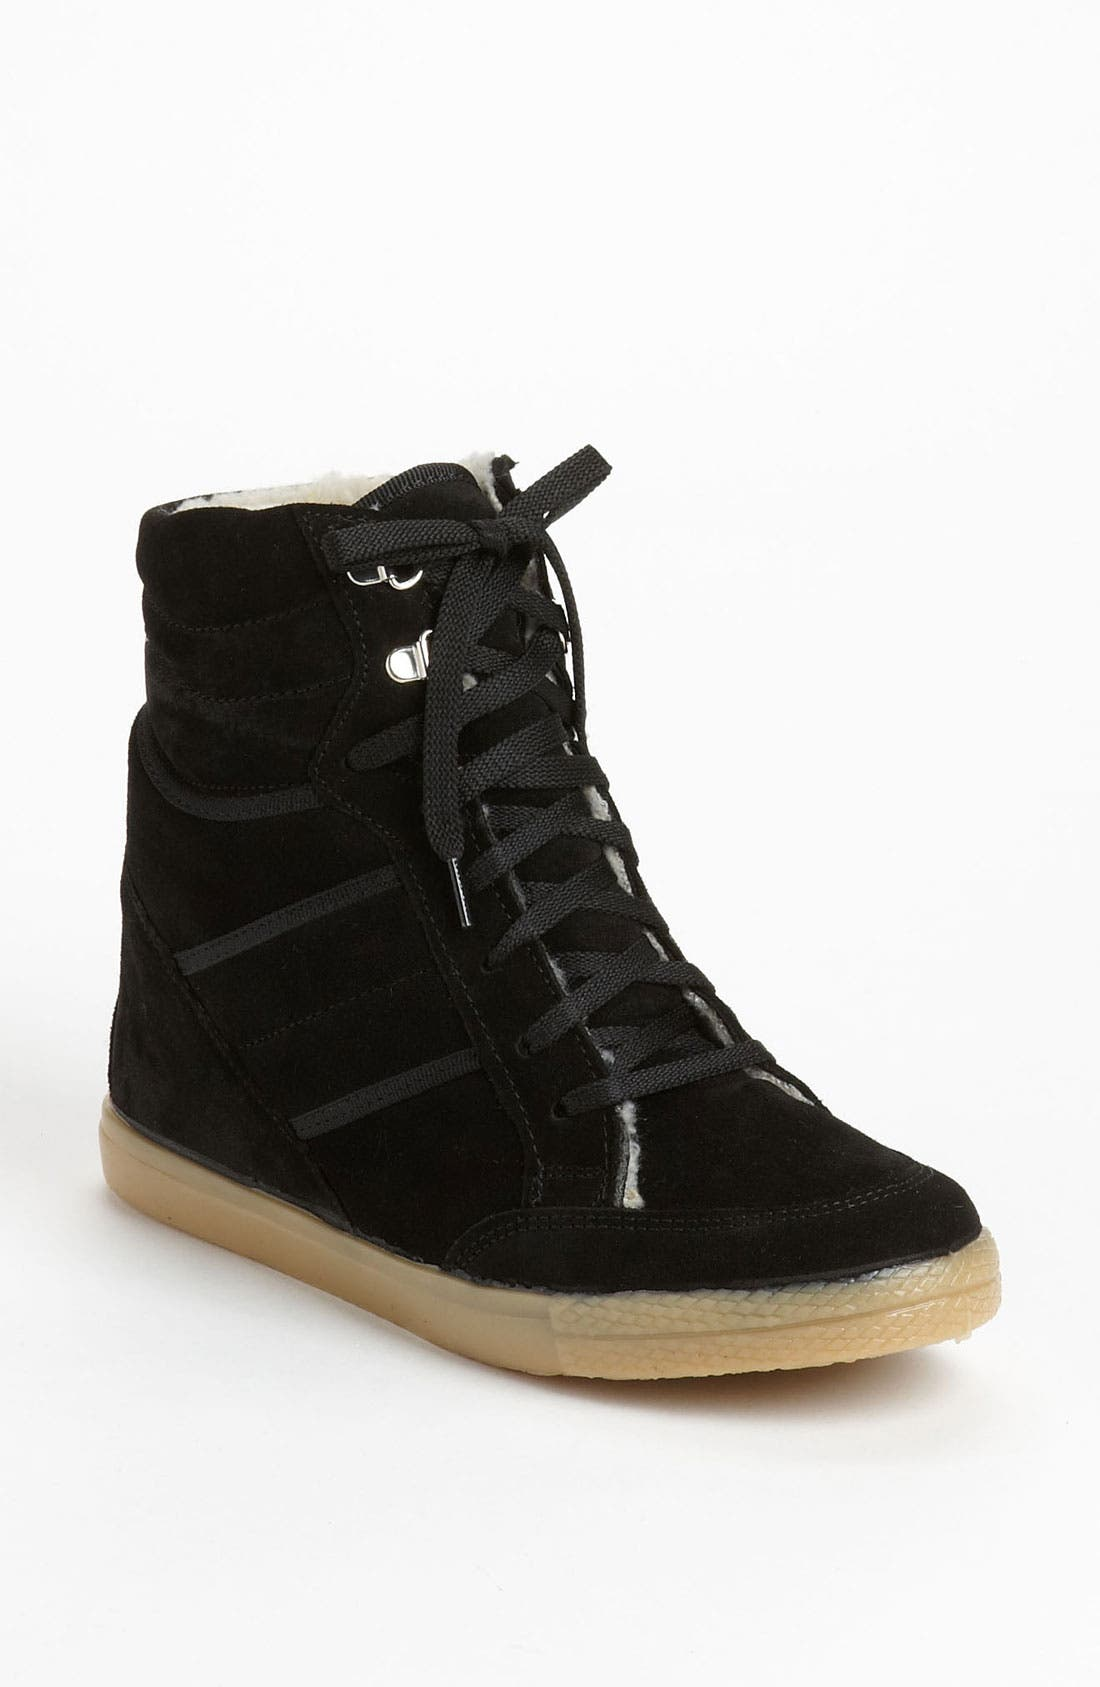 Main Image - Topshop 'Accabusi Hiker' Sneaker